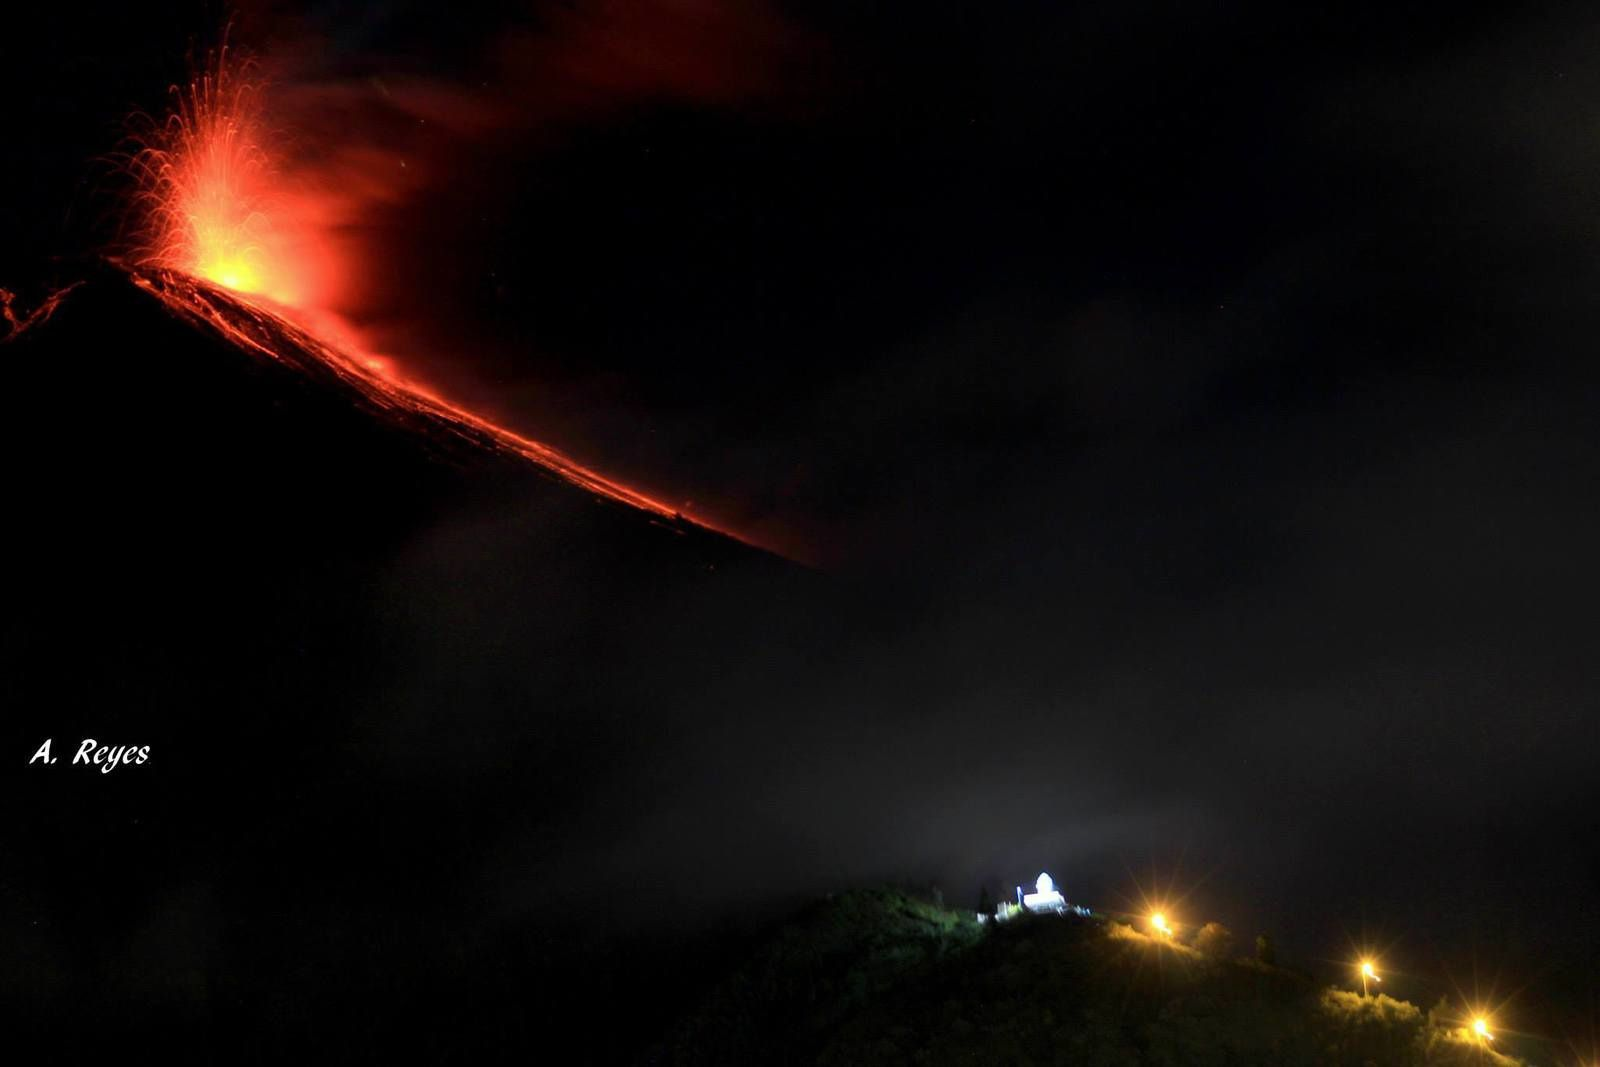 Tungurahua - 10/04/2014 - photo Andres Reyes / FB page / Tungurahua volcano